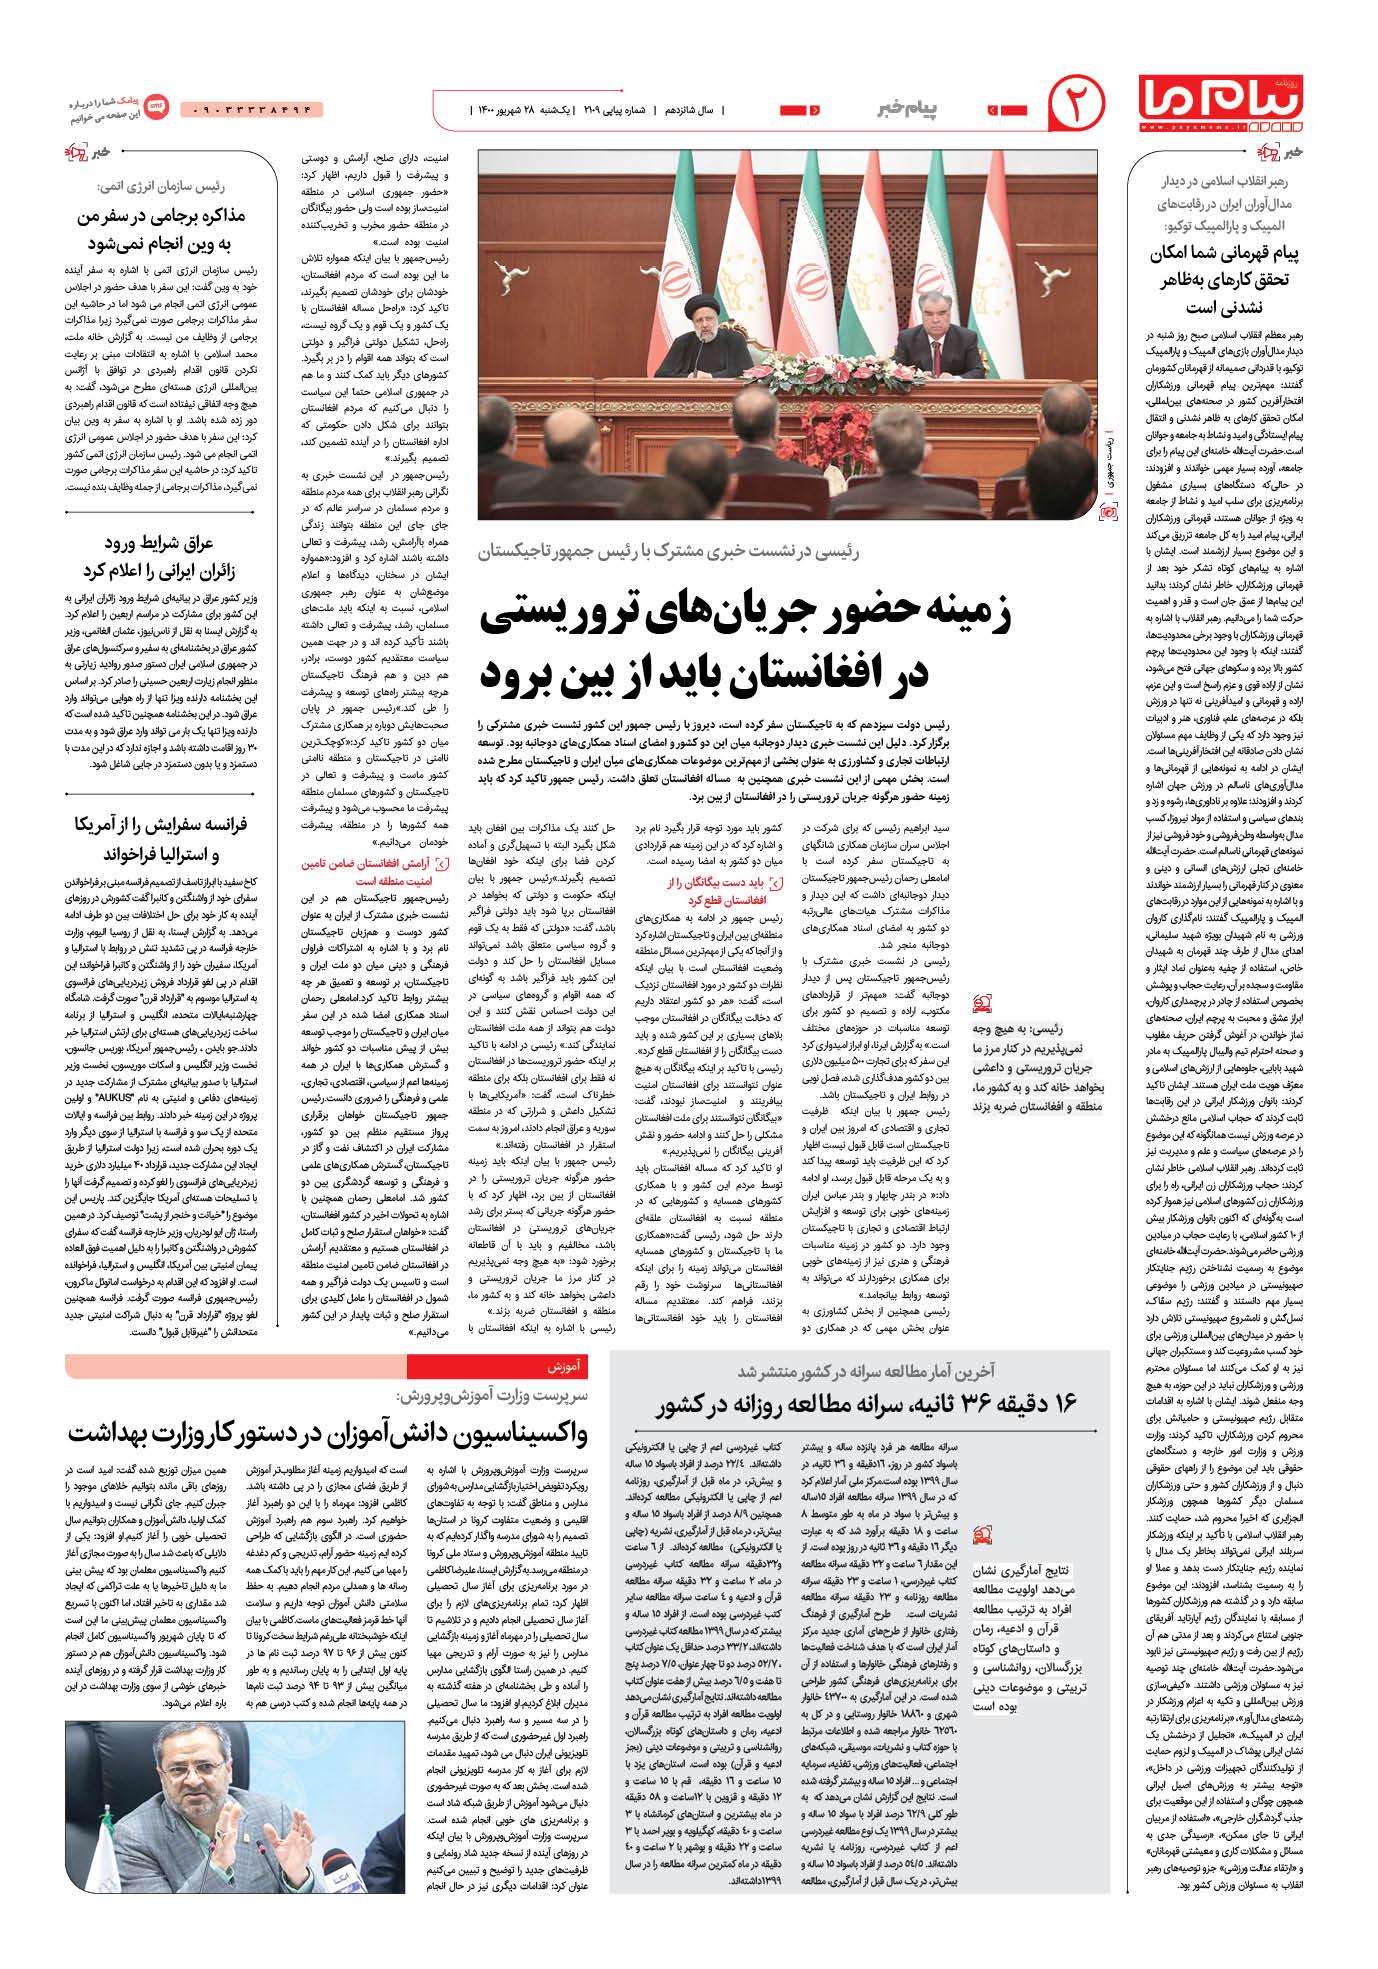 صفحه پیام خبر شماره 2109 روزنامه پیام ما